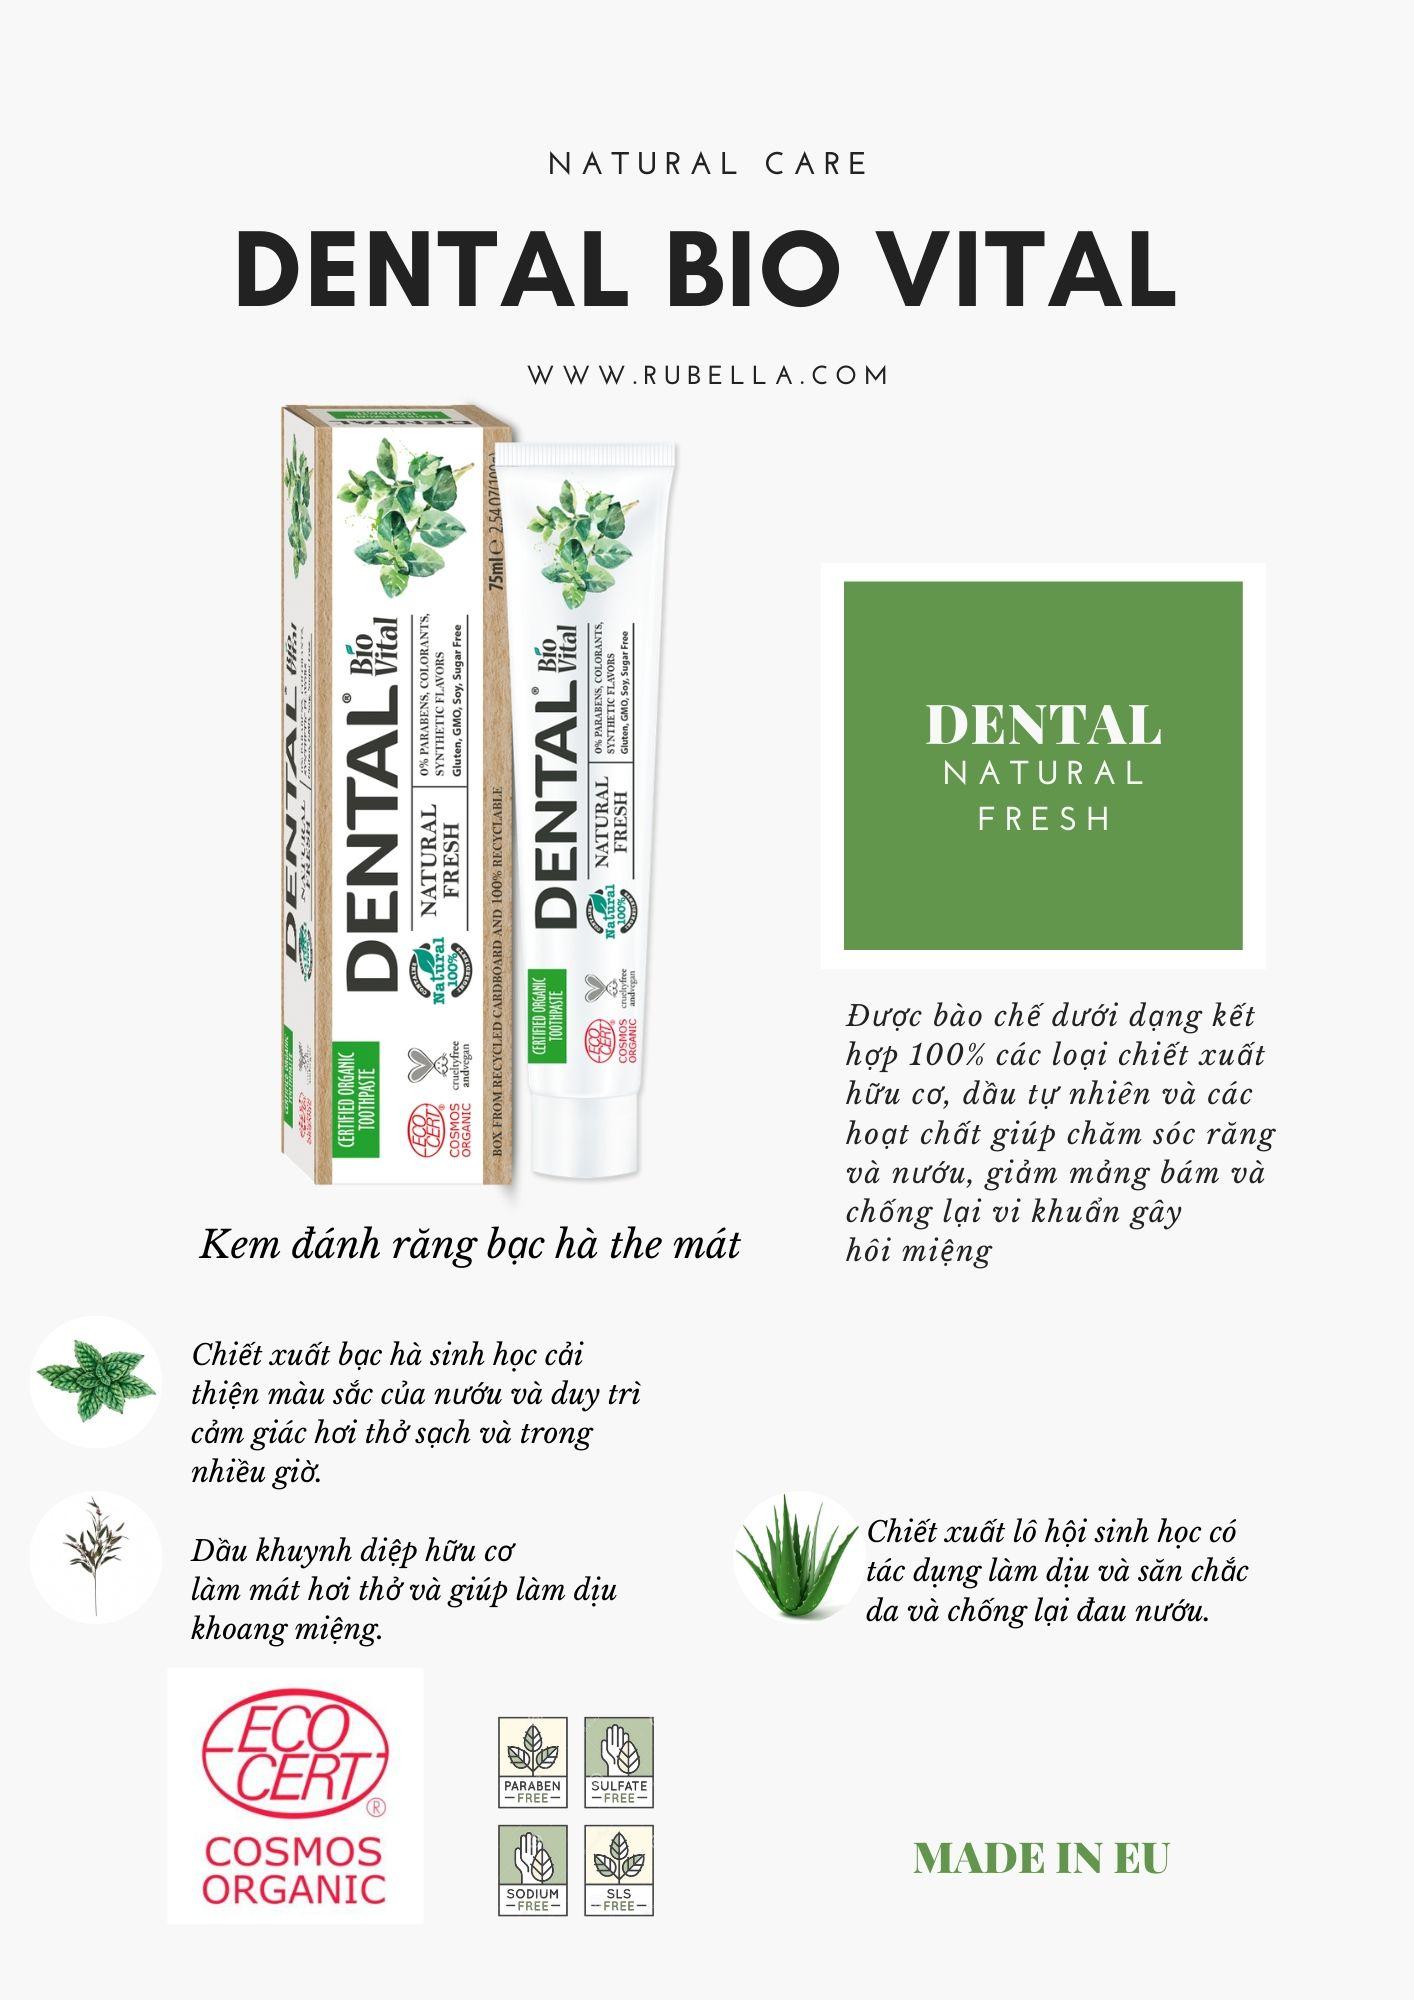 Kem Đánh Răng Hữu Cơ Nhập Khẩu Tươi Mát Dental Bio Vital Natural Fresh